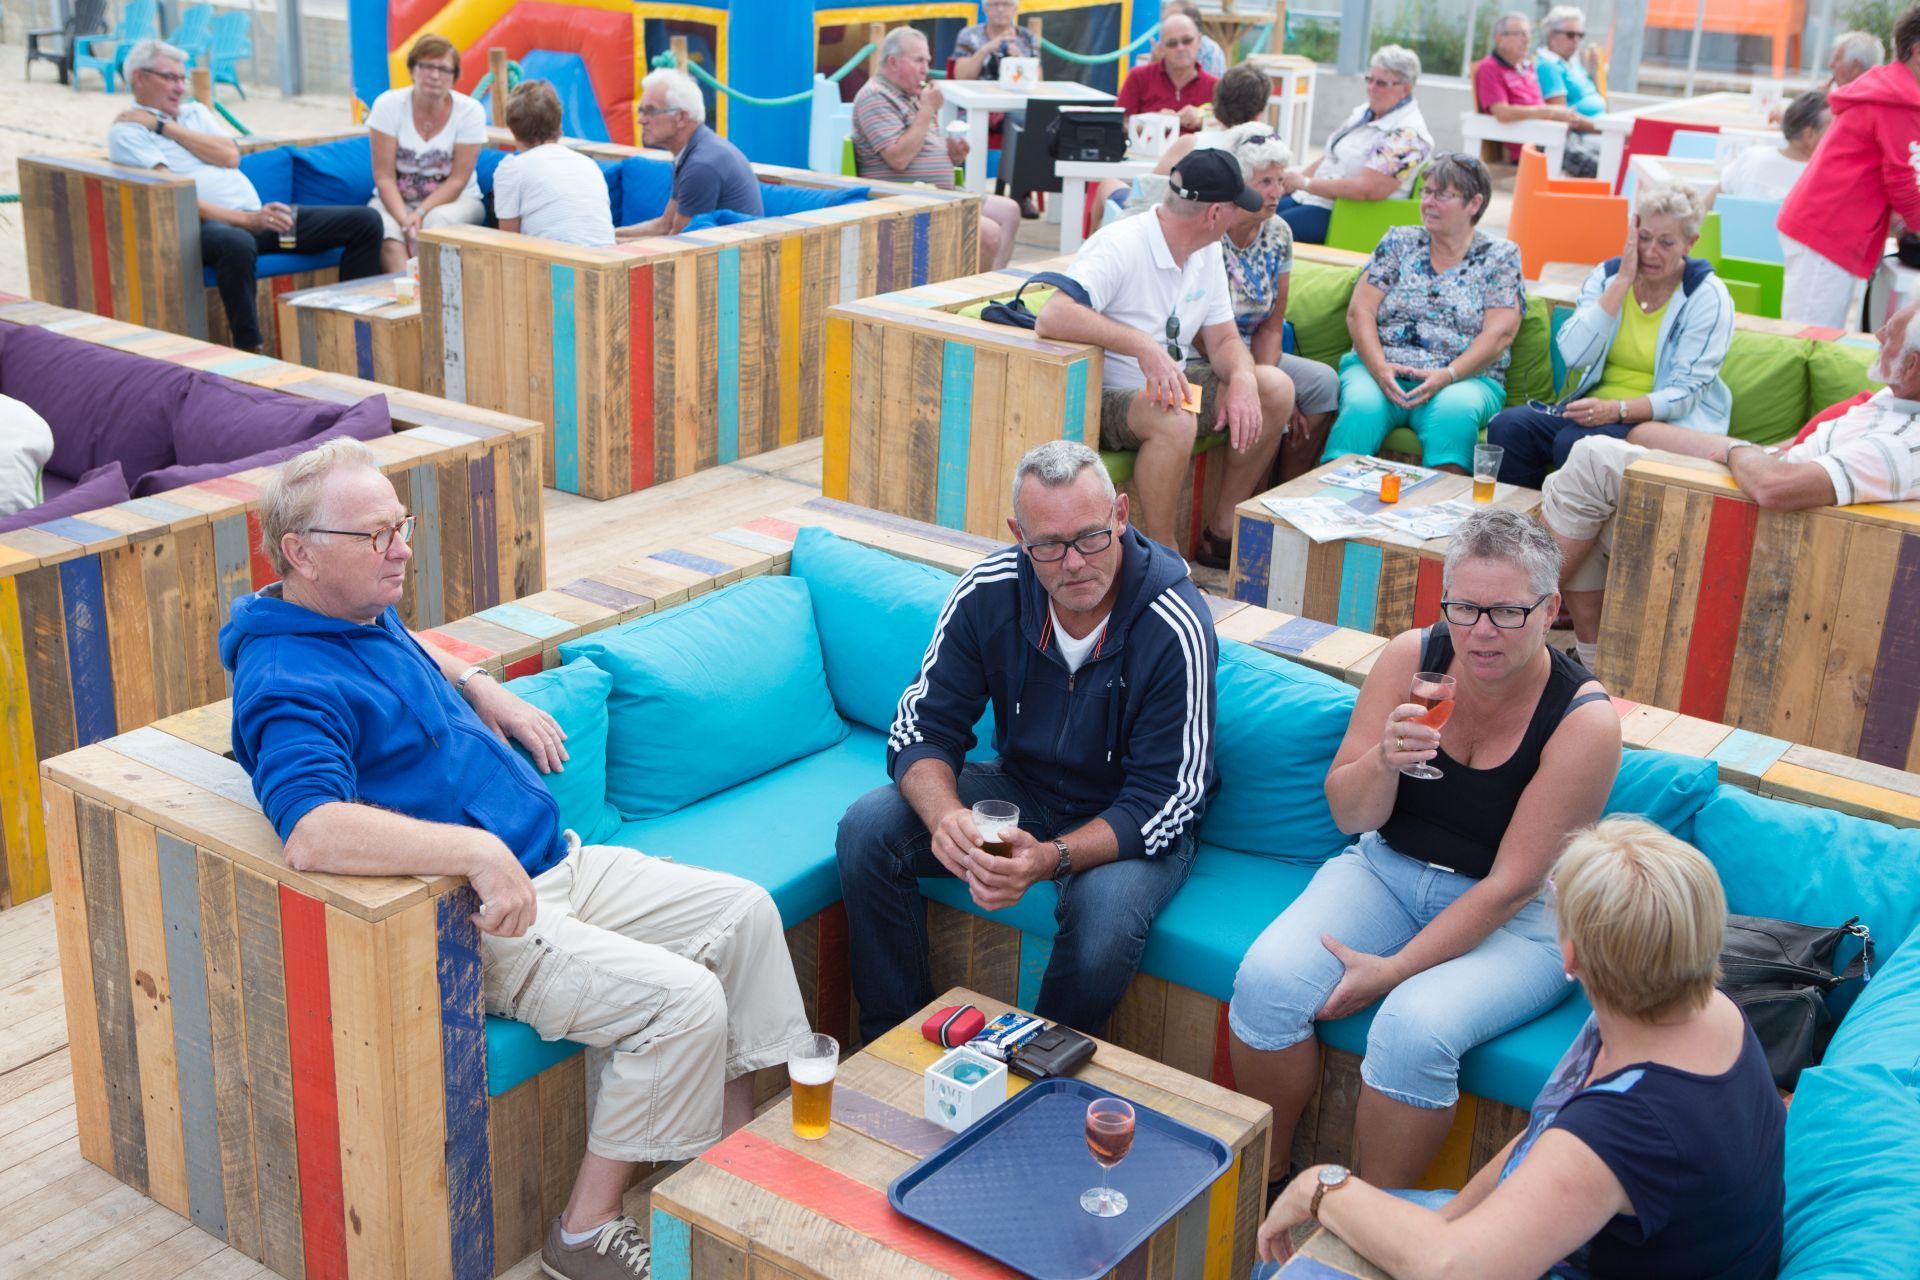 Pinksteren in Overijssel, dat is toch heerlijk! - Pinksteren in Overijssel Nederland